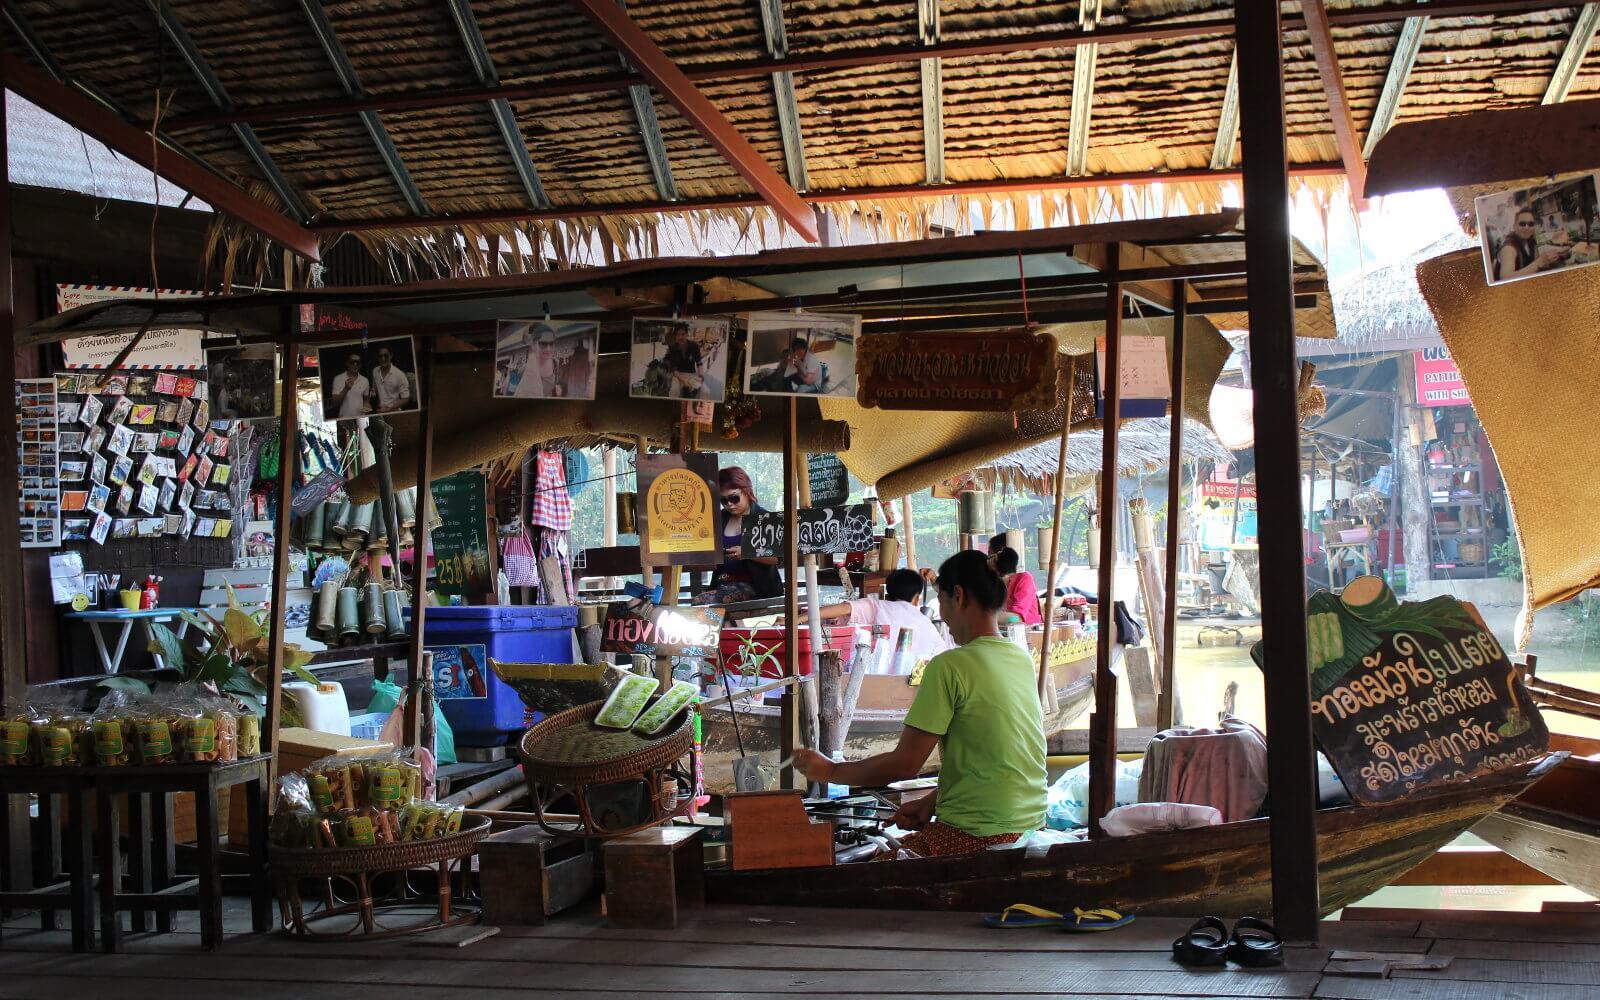 Ein kleiner thailändischer Laden